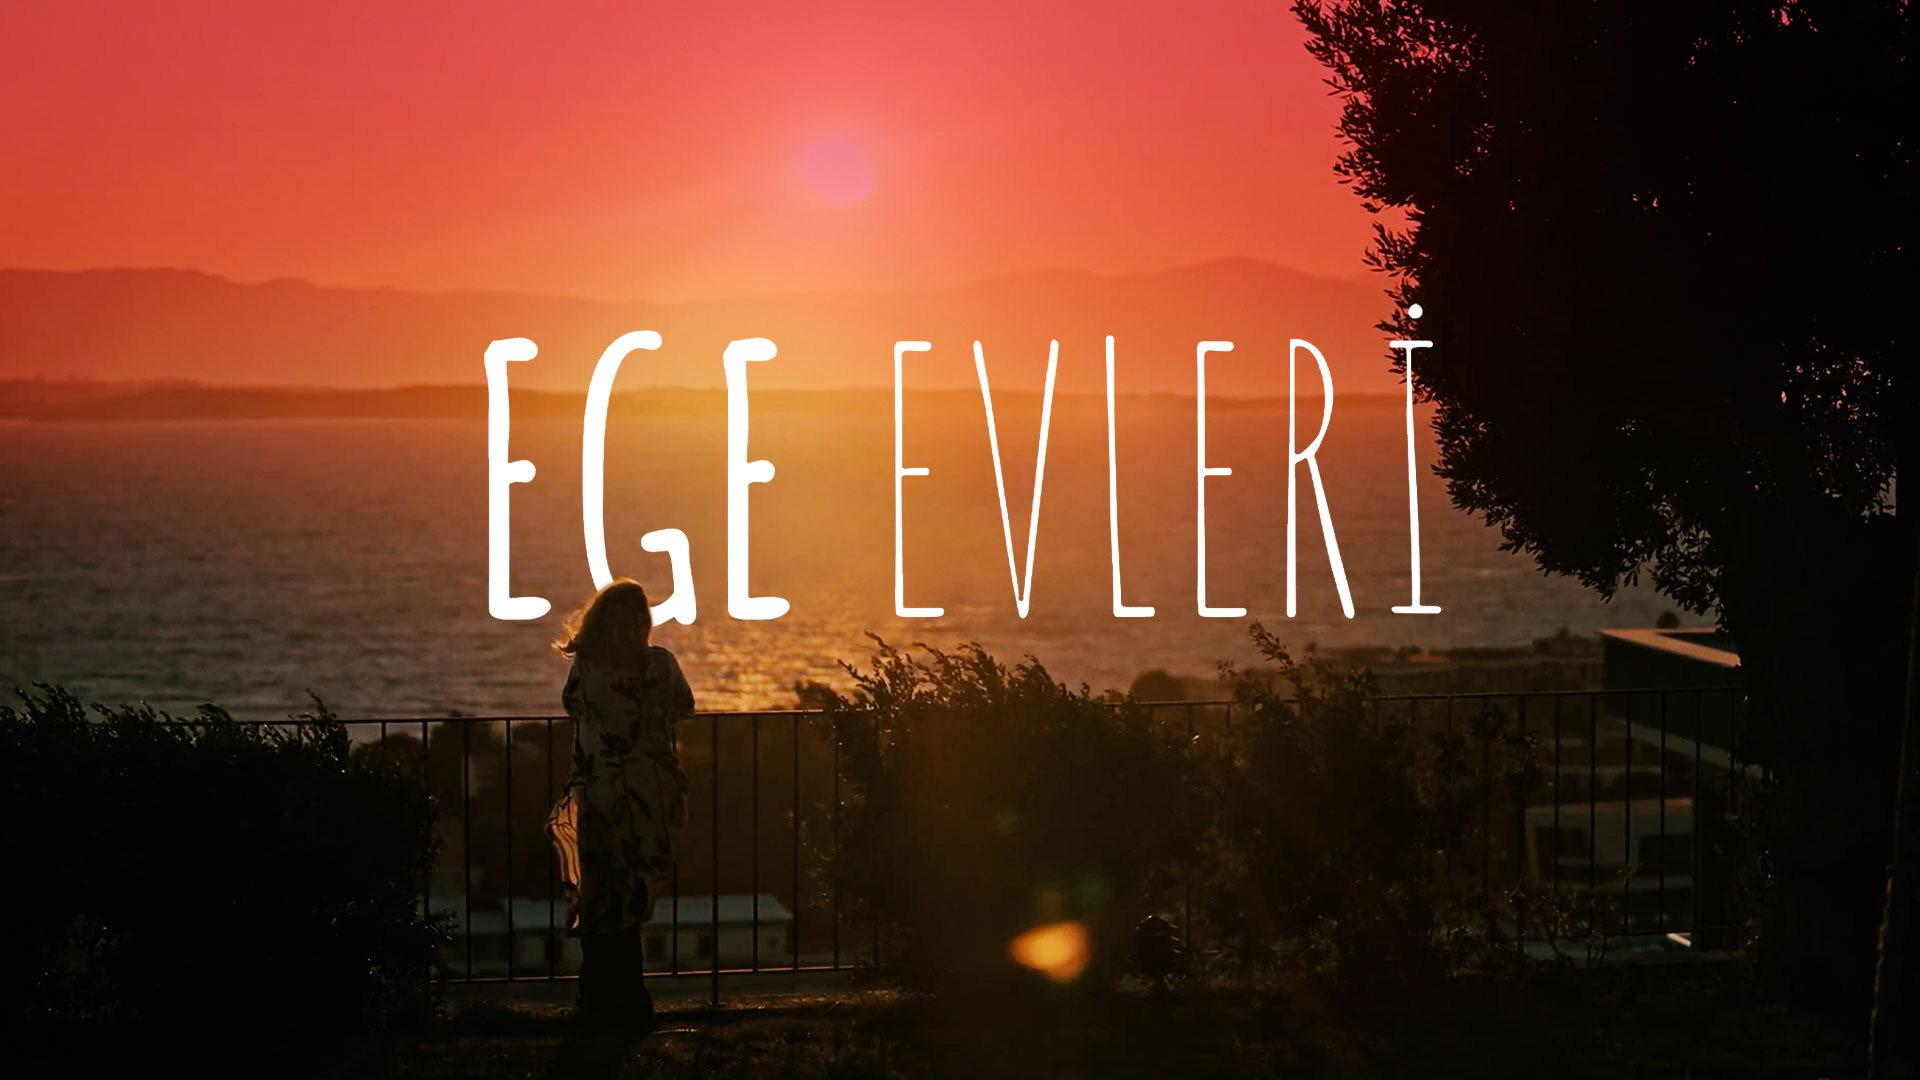 Ege Evleri S01E01-E05 1080p GaiN WEB-DL AAC H264